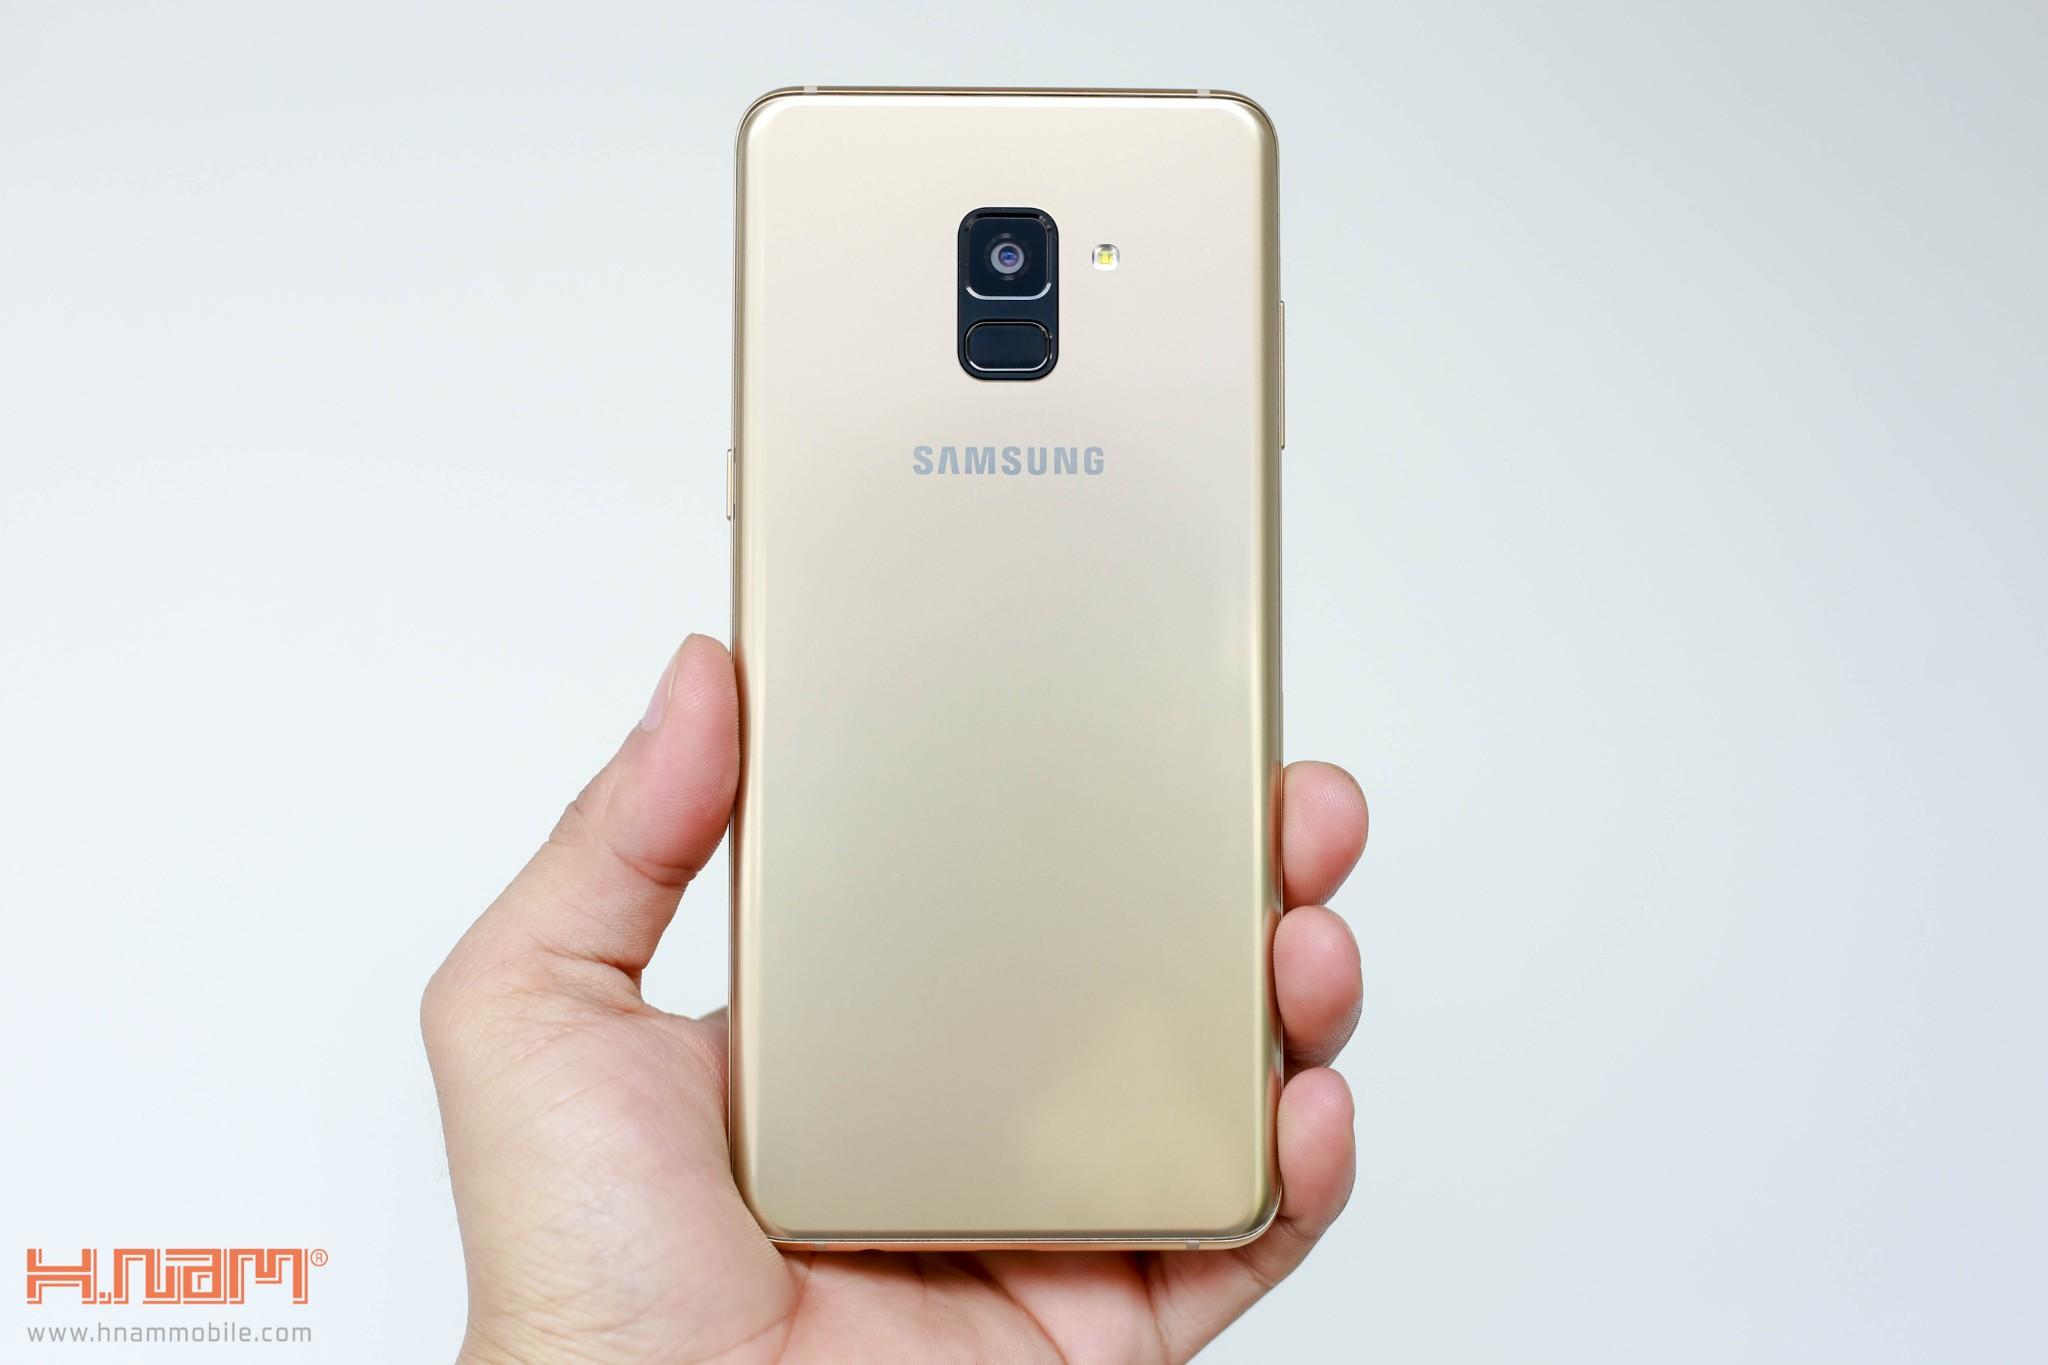 Đánh giá thiết kế Galaxy A8/ A8+: Vẻ đẹp sang trọng của kim loại và kính hình 1